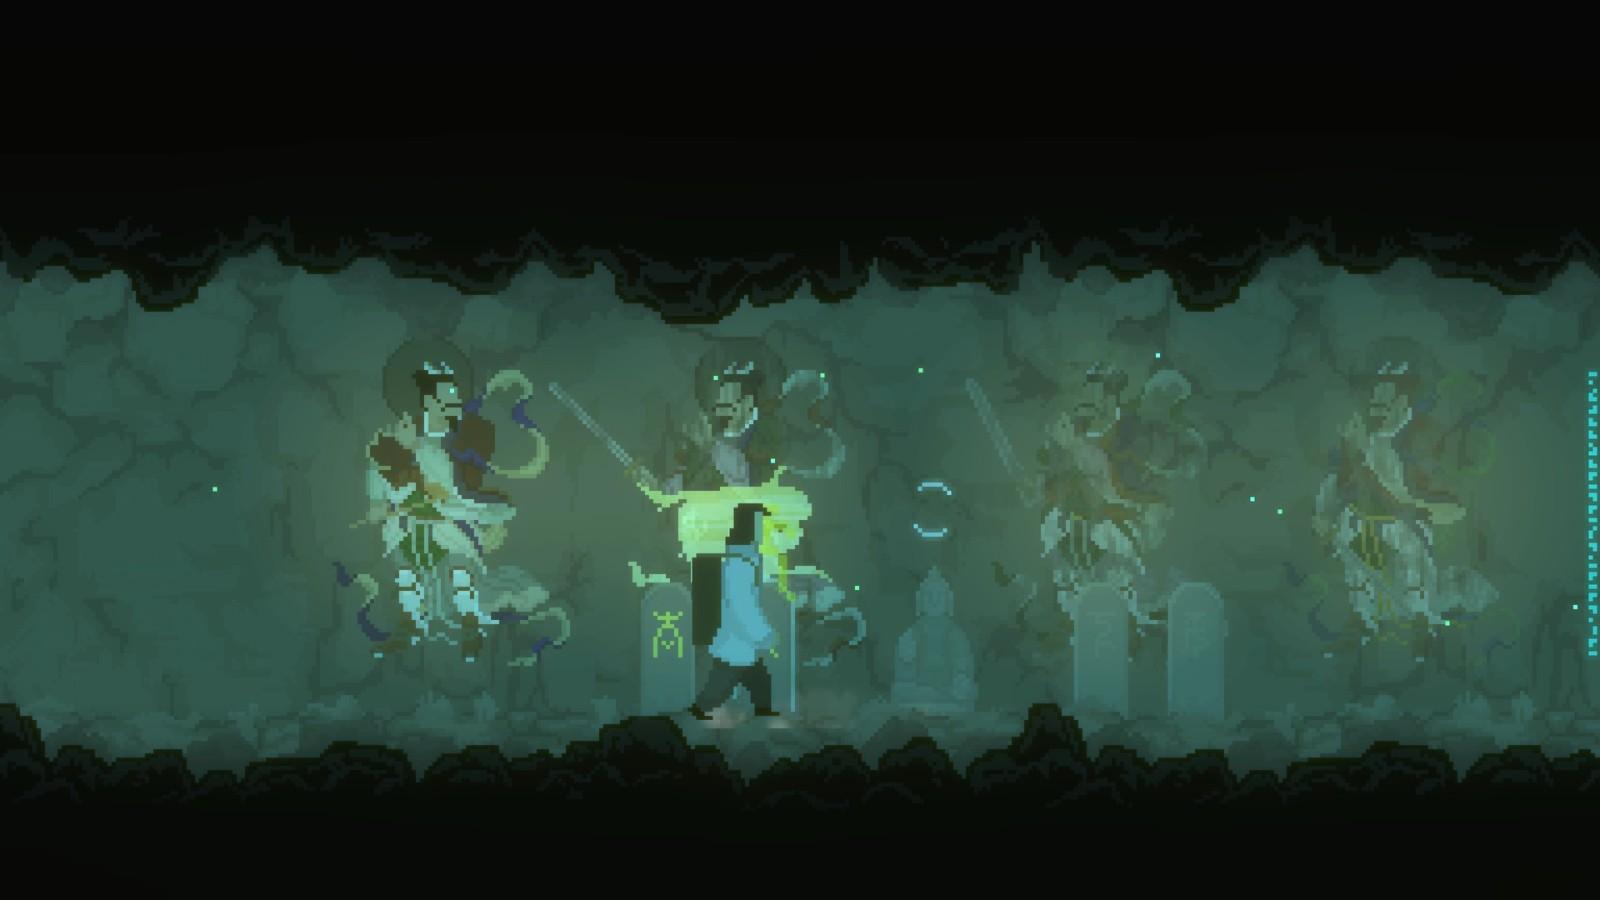 《山海旅人》本体售价52元 游戏时长5-6小时